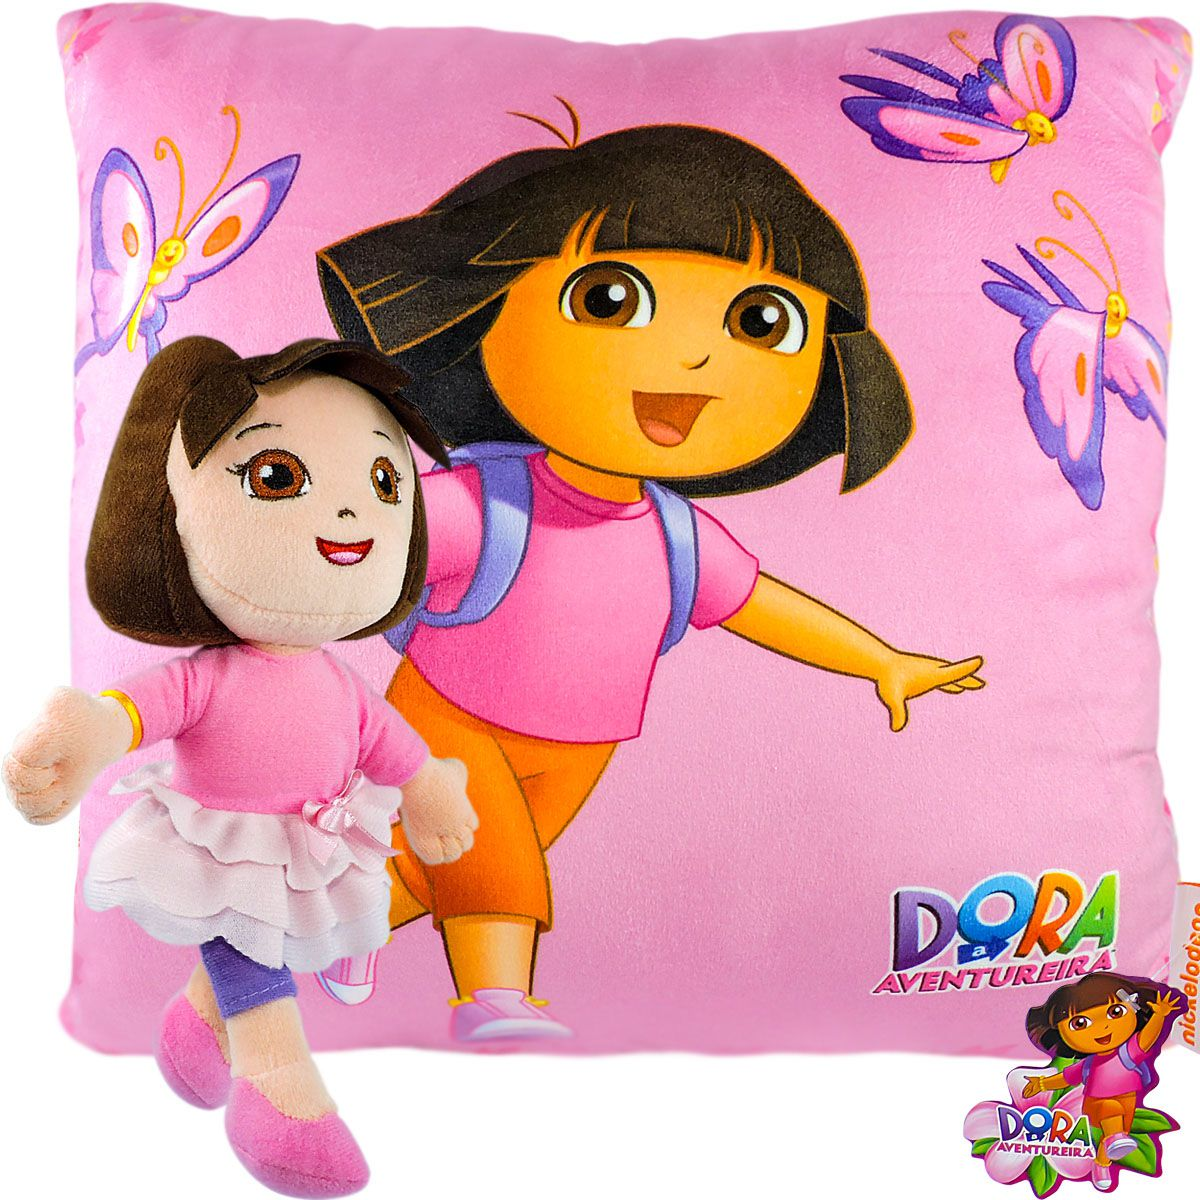 Boneca De Pelúcia E Almofada Infantil Dora Aventureira